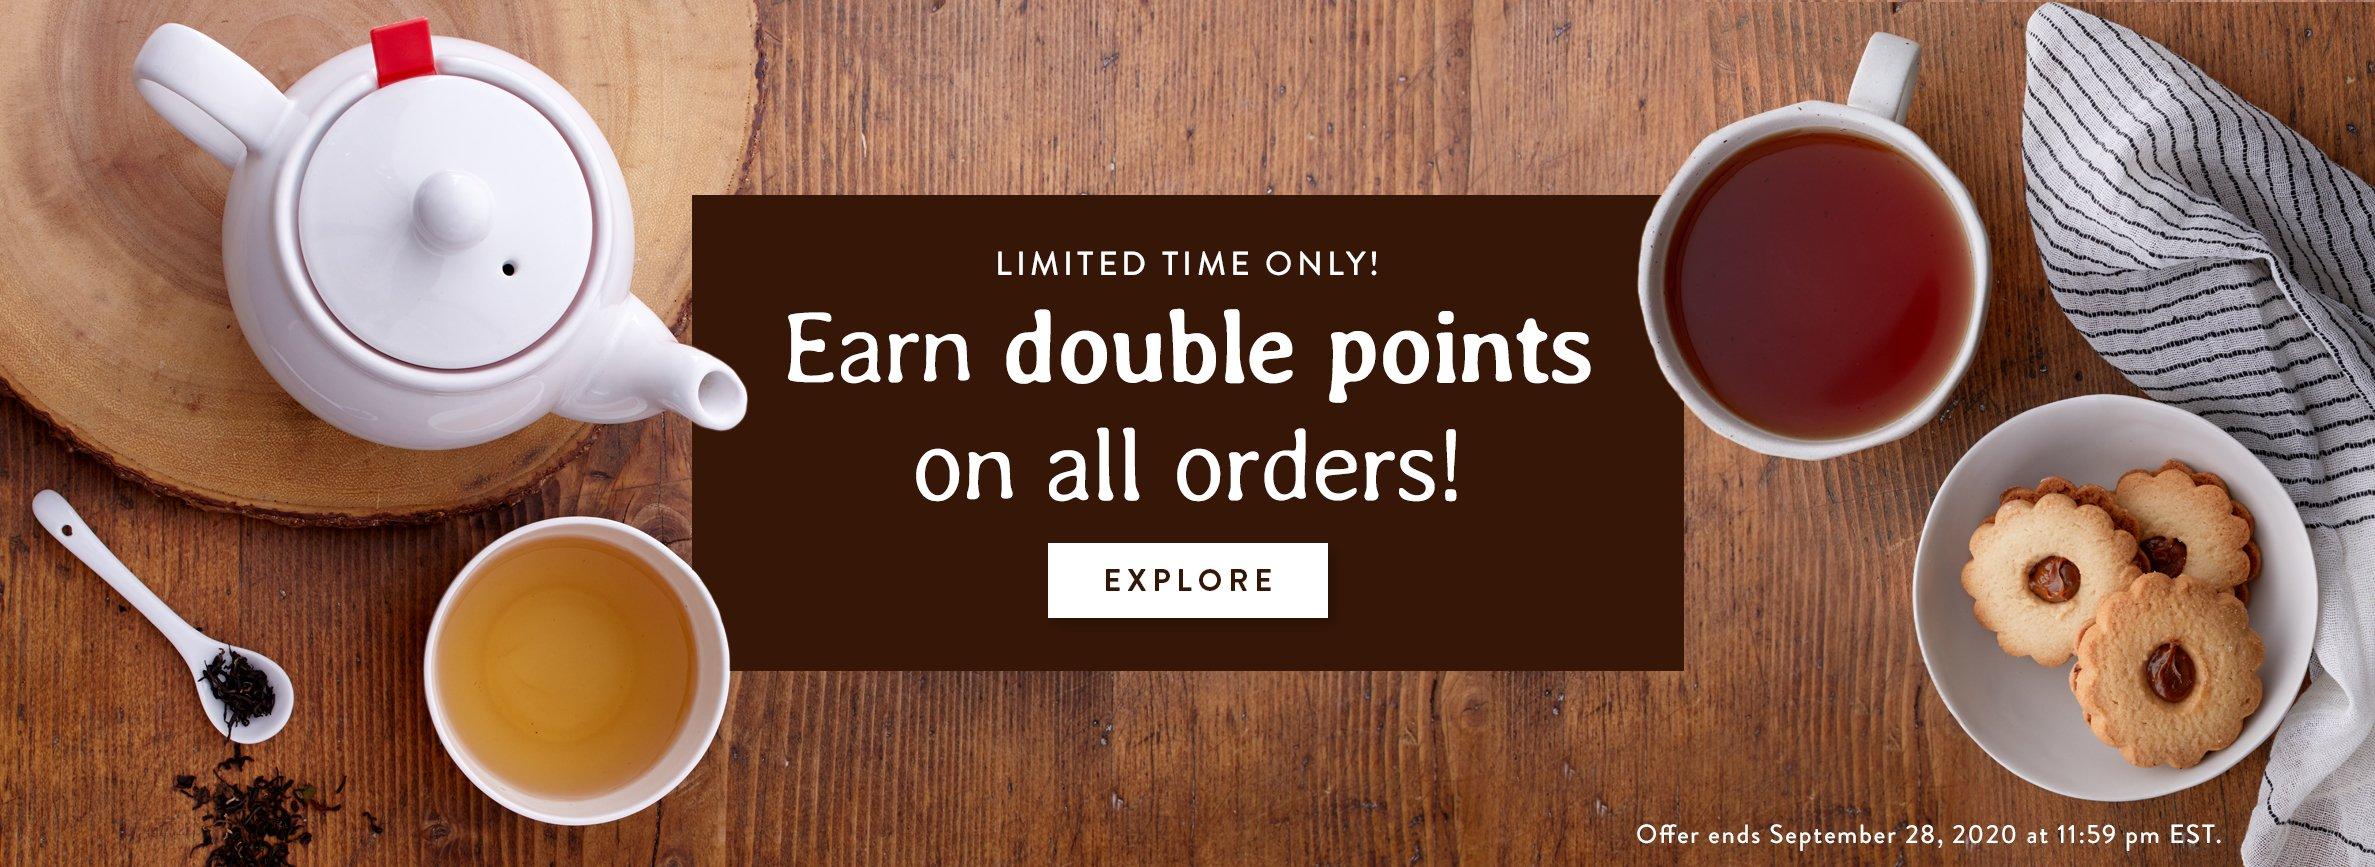 Earn Double Points!